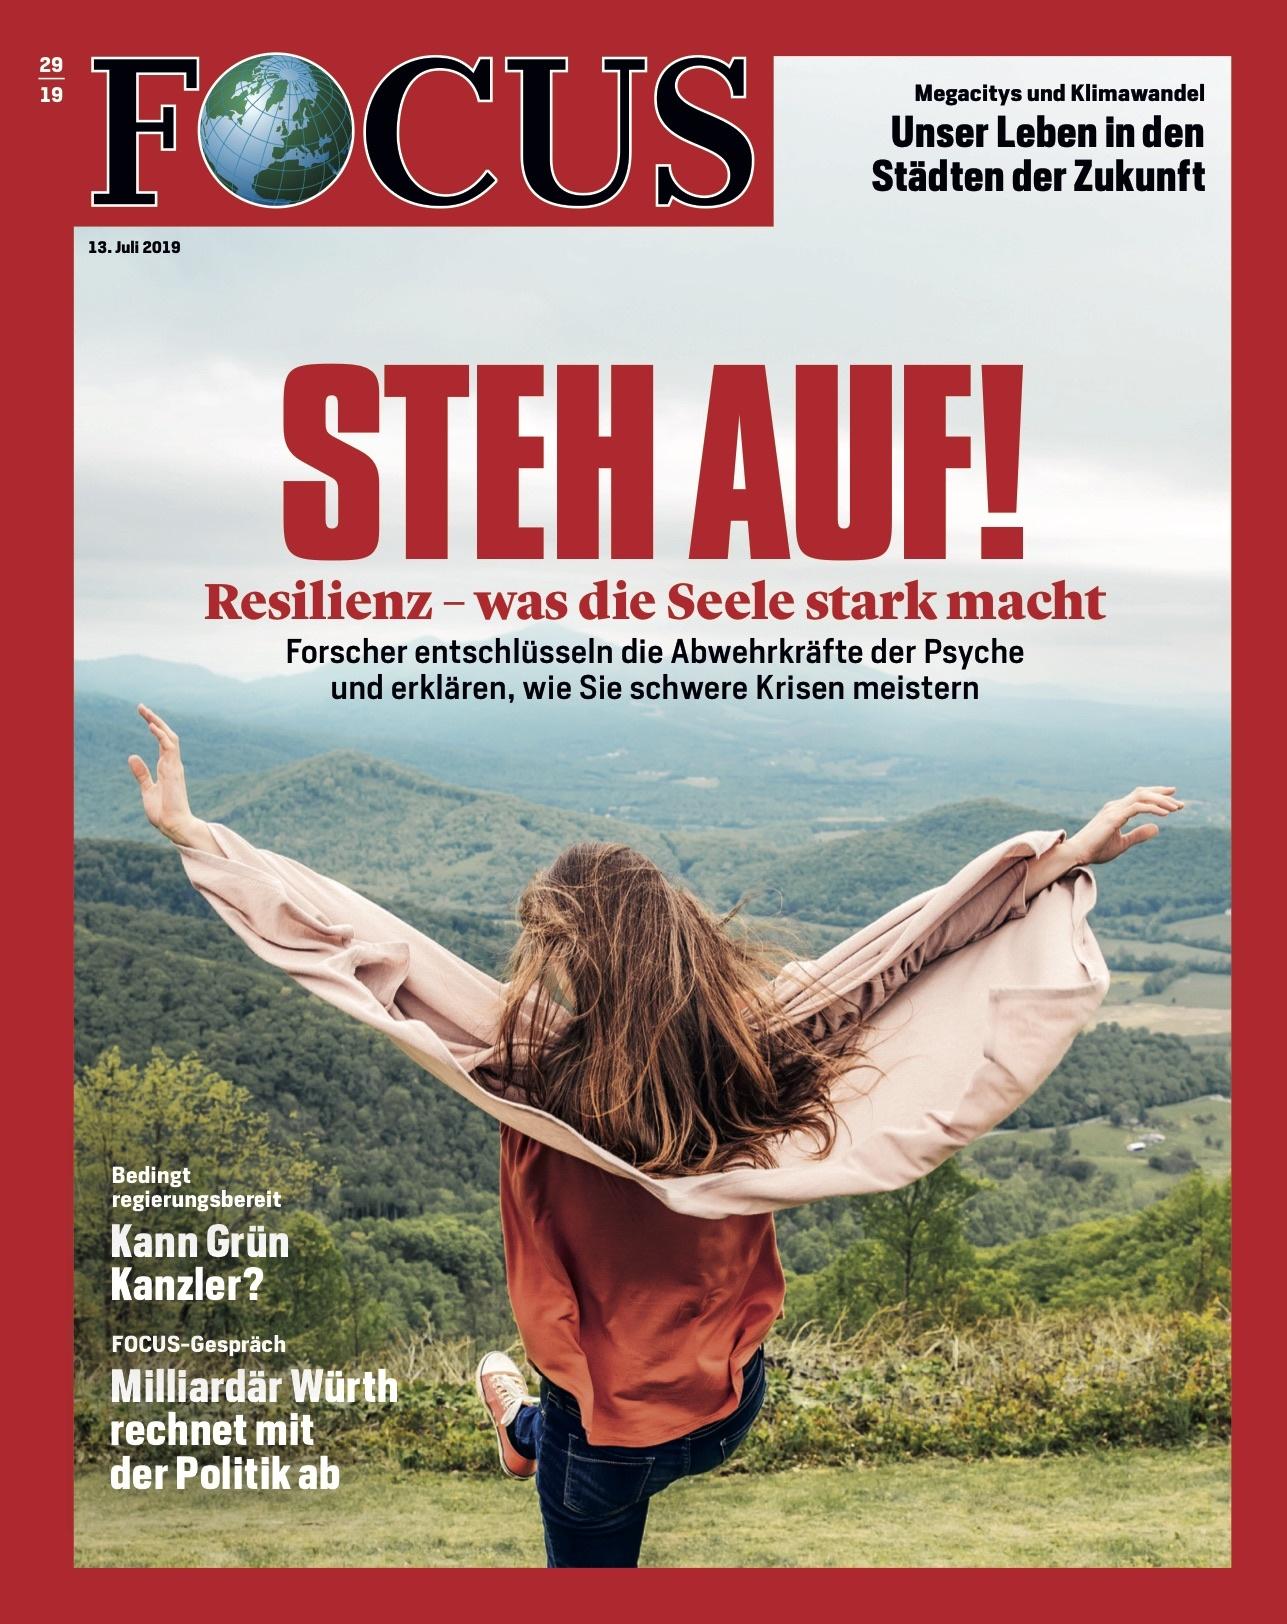 FOCUS Magazin FOCUS Magazin - Steh auf!